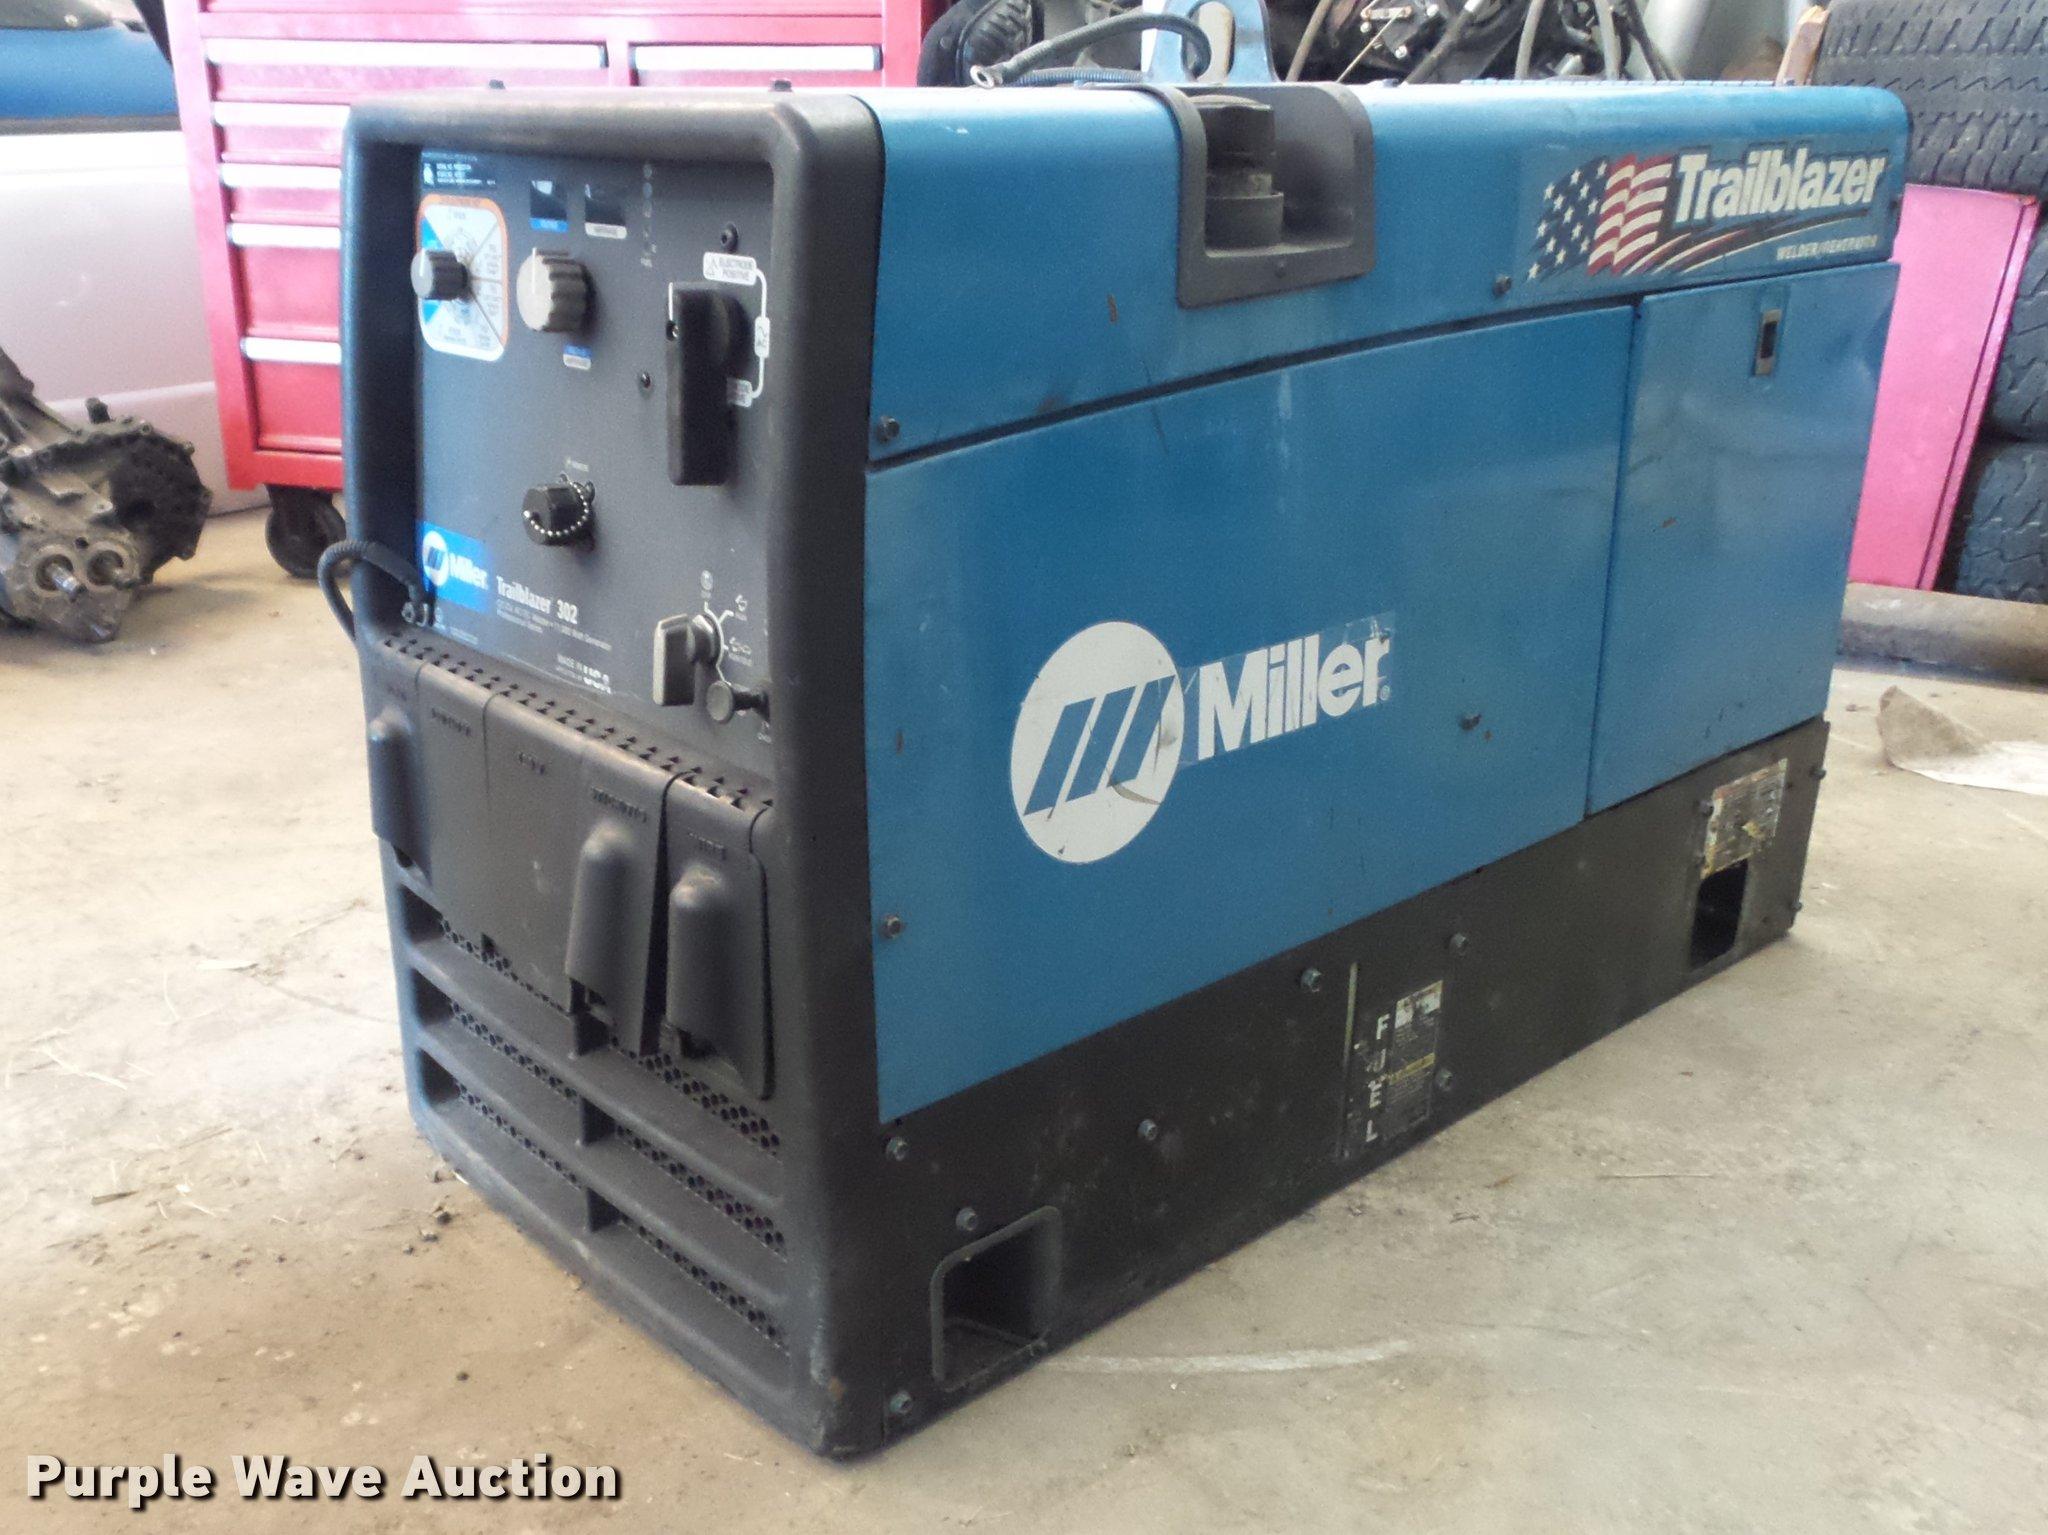 miller trailblazer 302 welder generator item db6405 sold rh purplewave com miller trailblazer 302 service manual miller trailblazer 302 manuals for sale